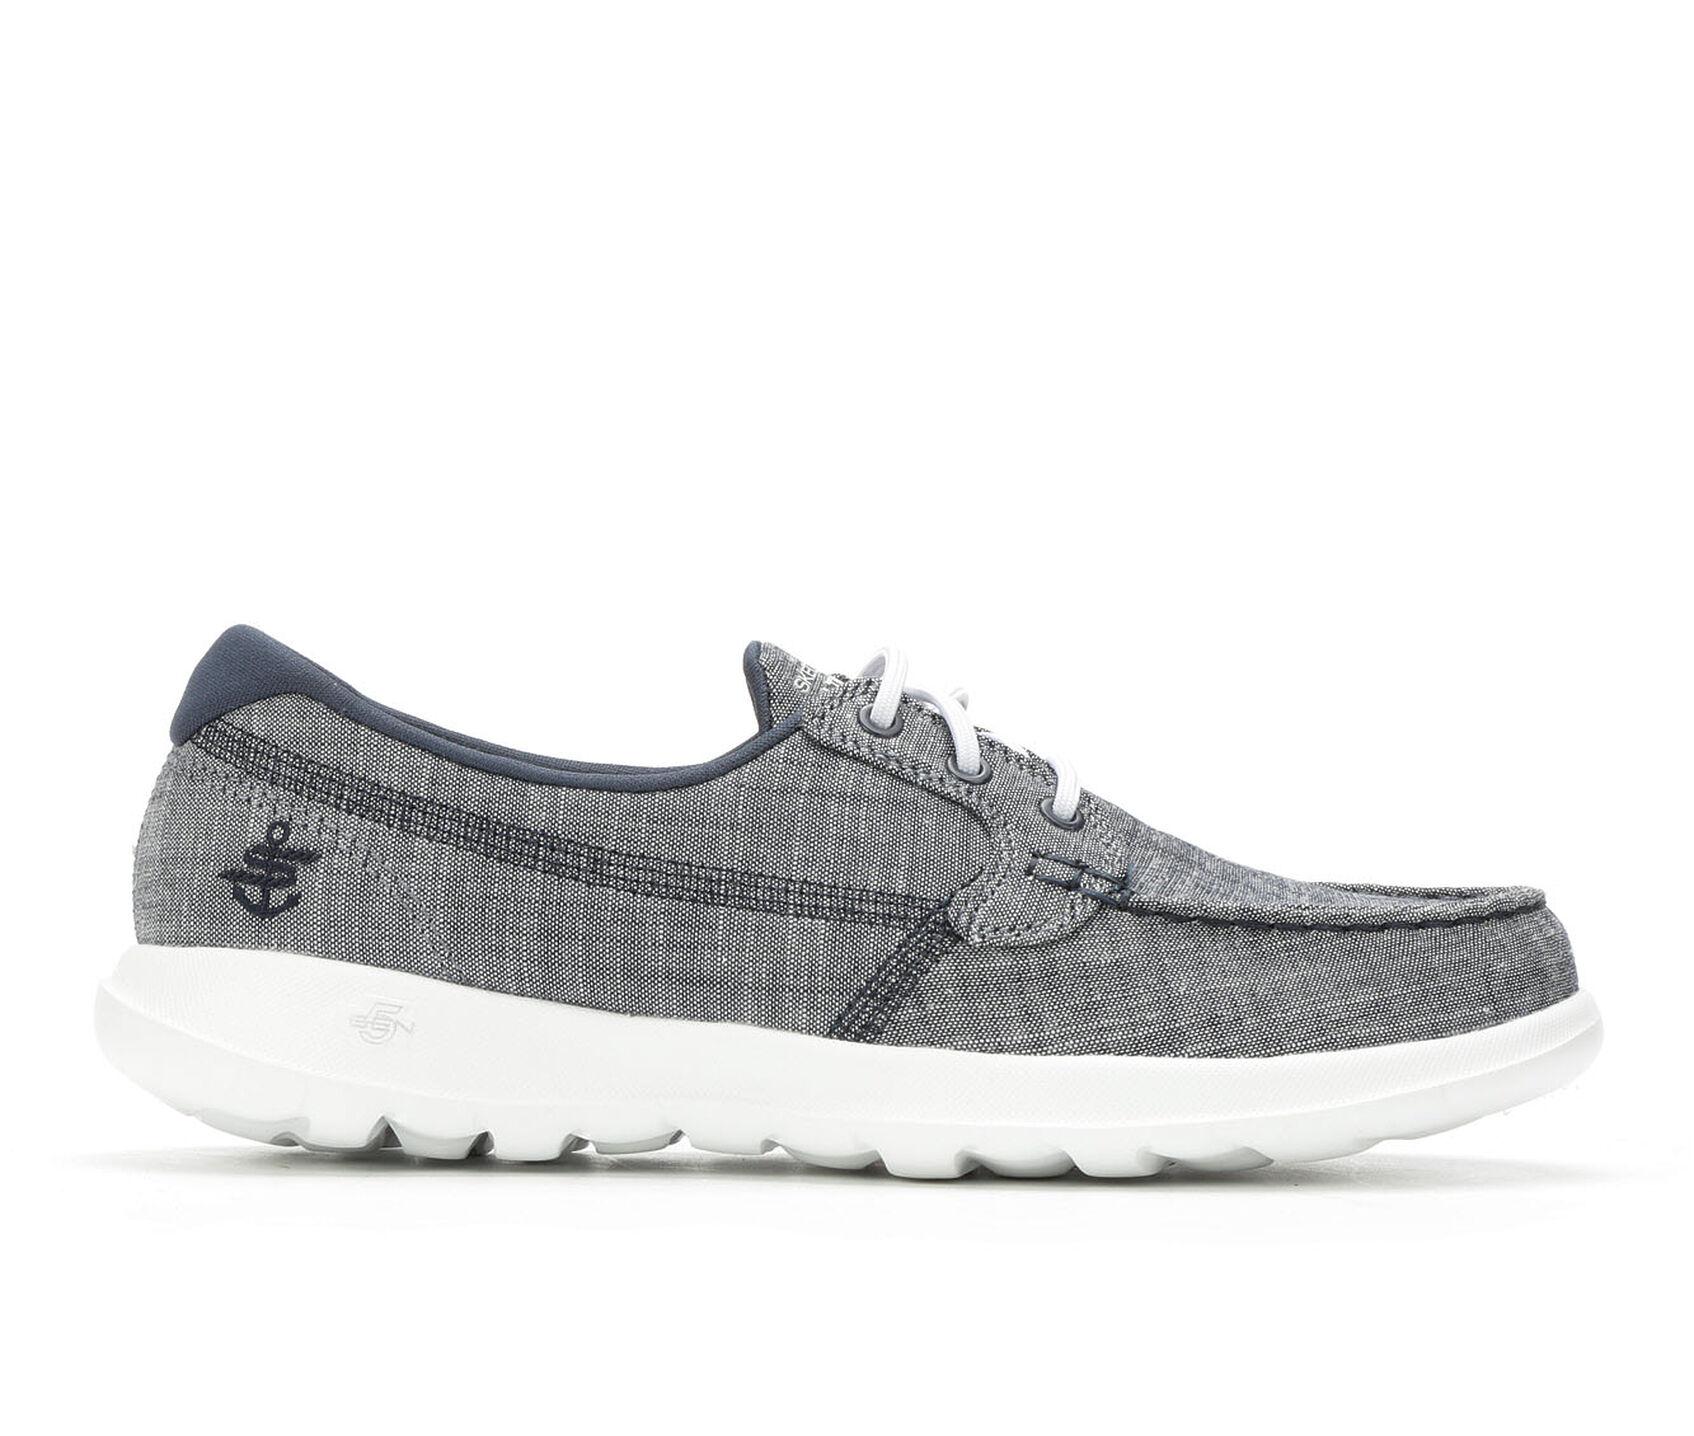 Skechers Go Walk Womens Boat Shoes